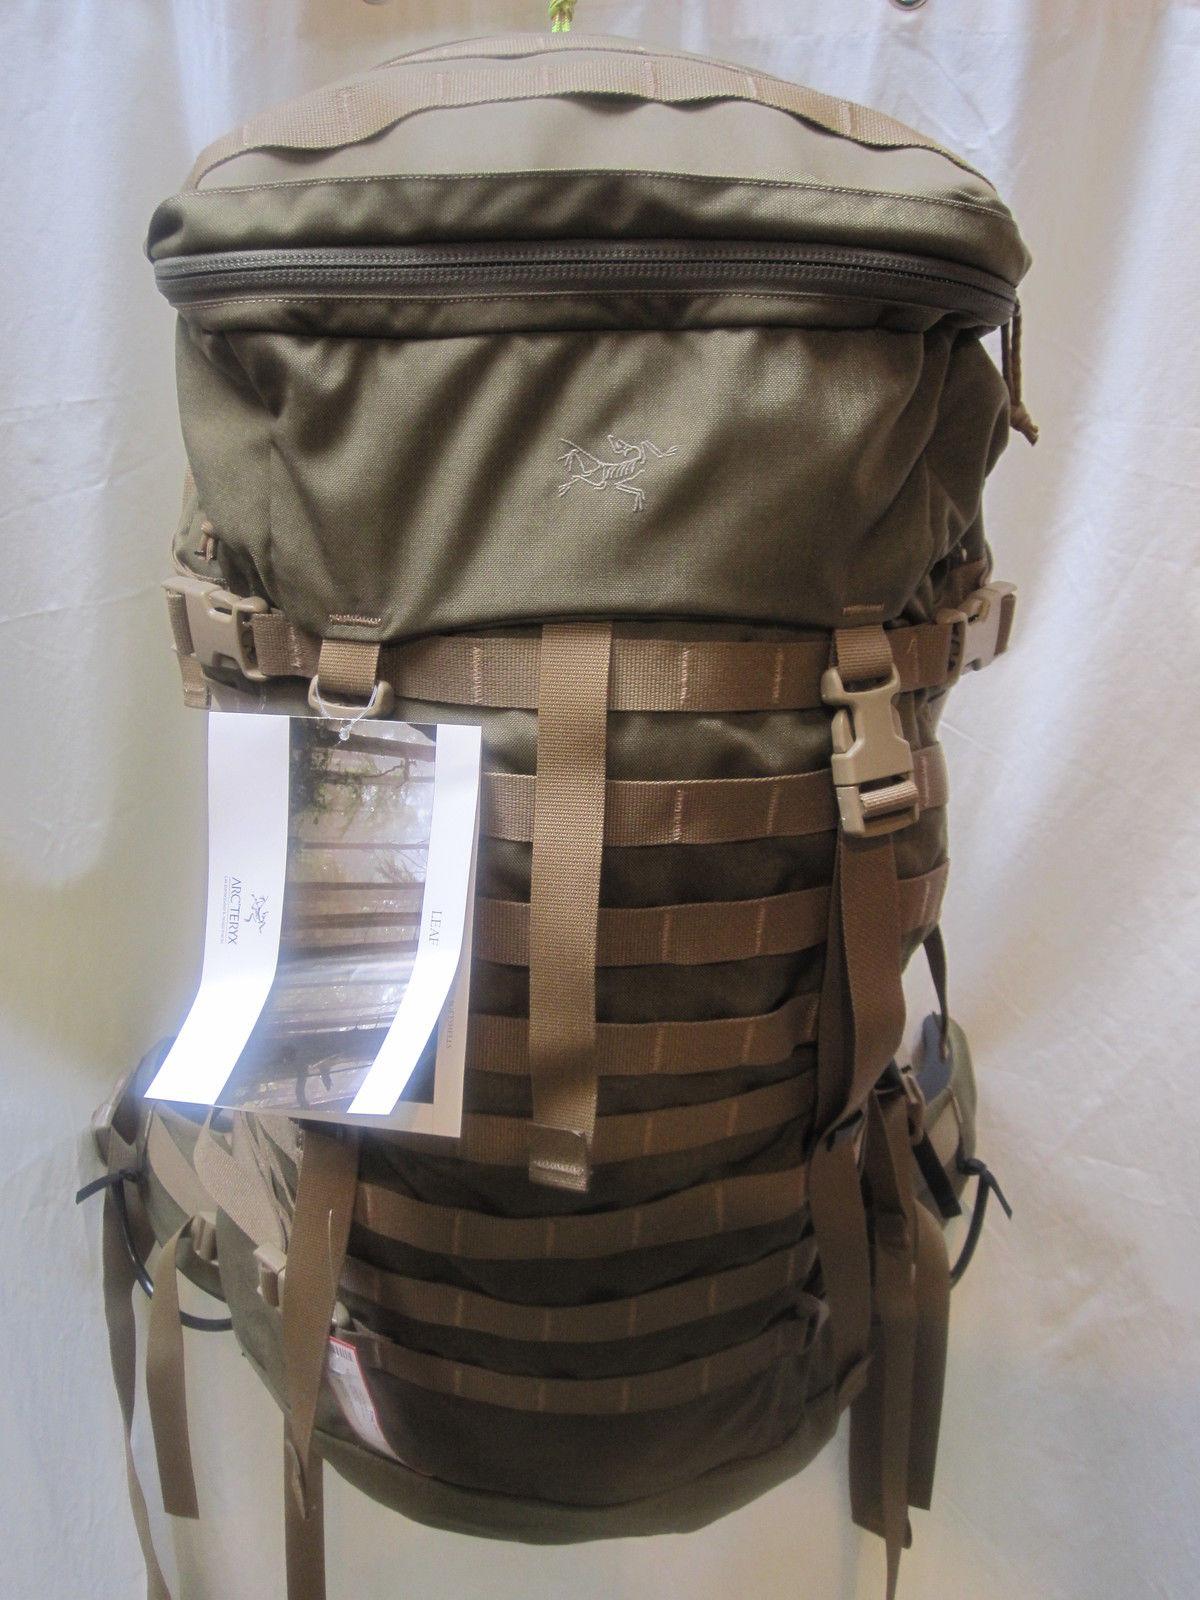 Туристический рюкзак ARCTERYX 10404 Arc'teryx LEAF Echo Backpack стоимость